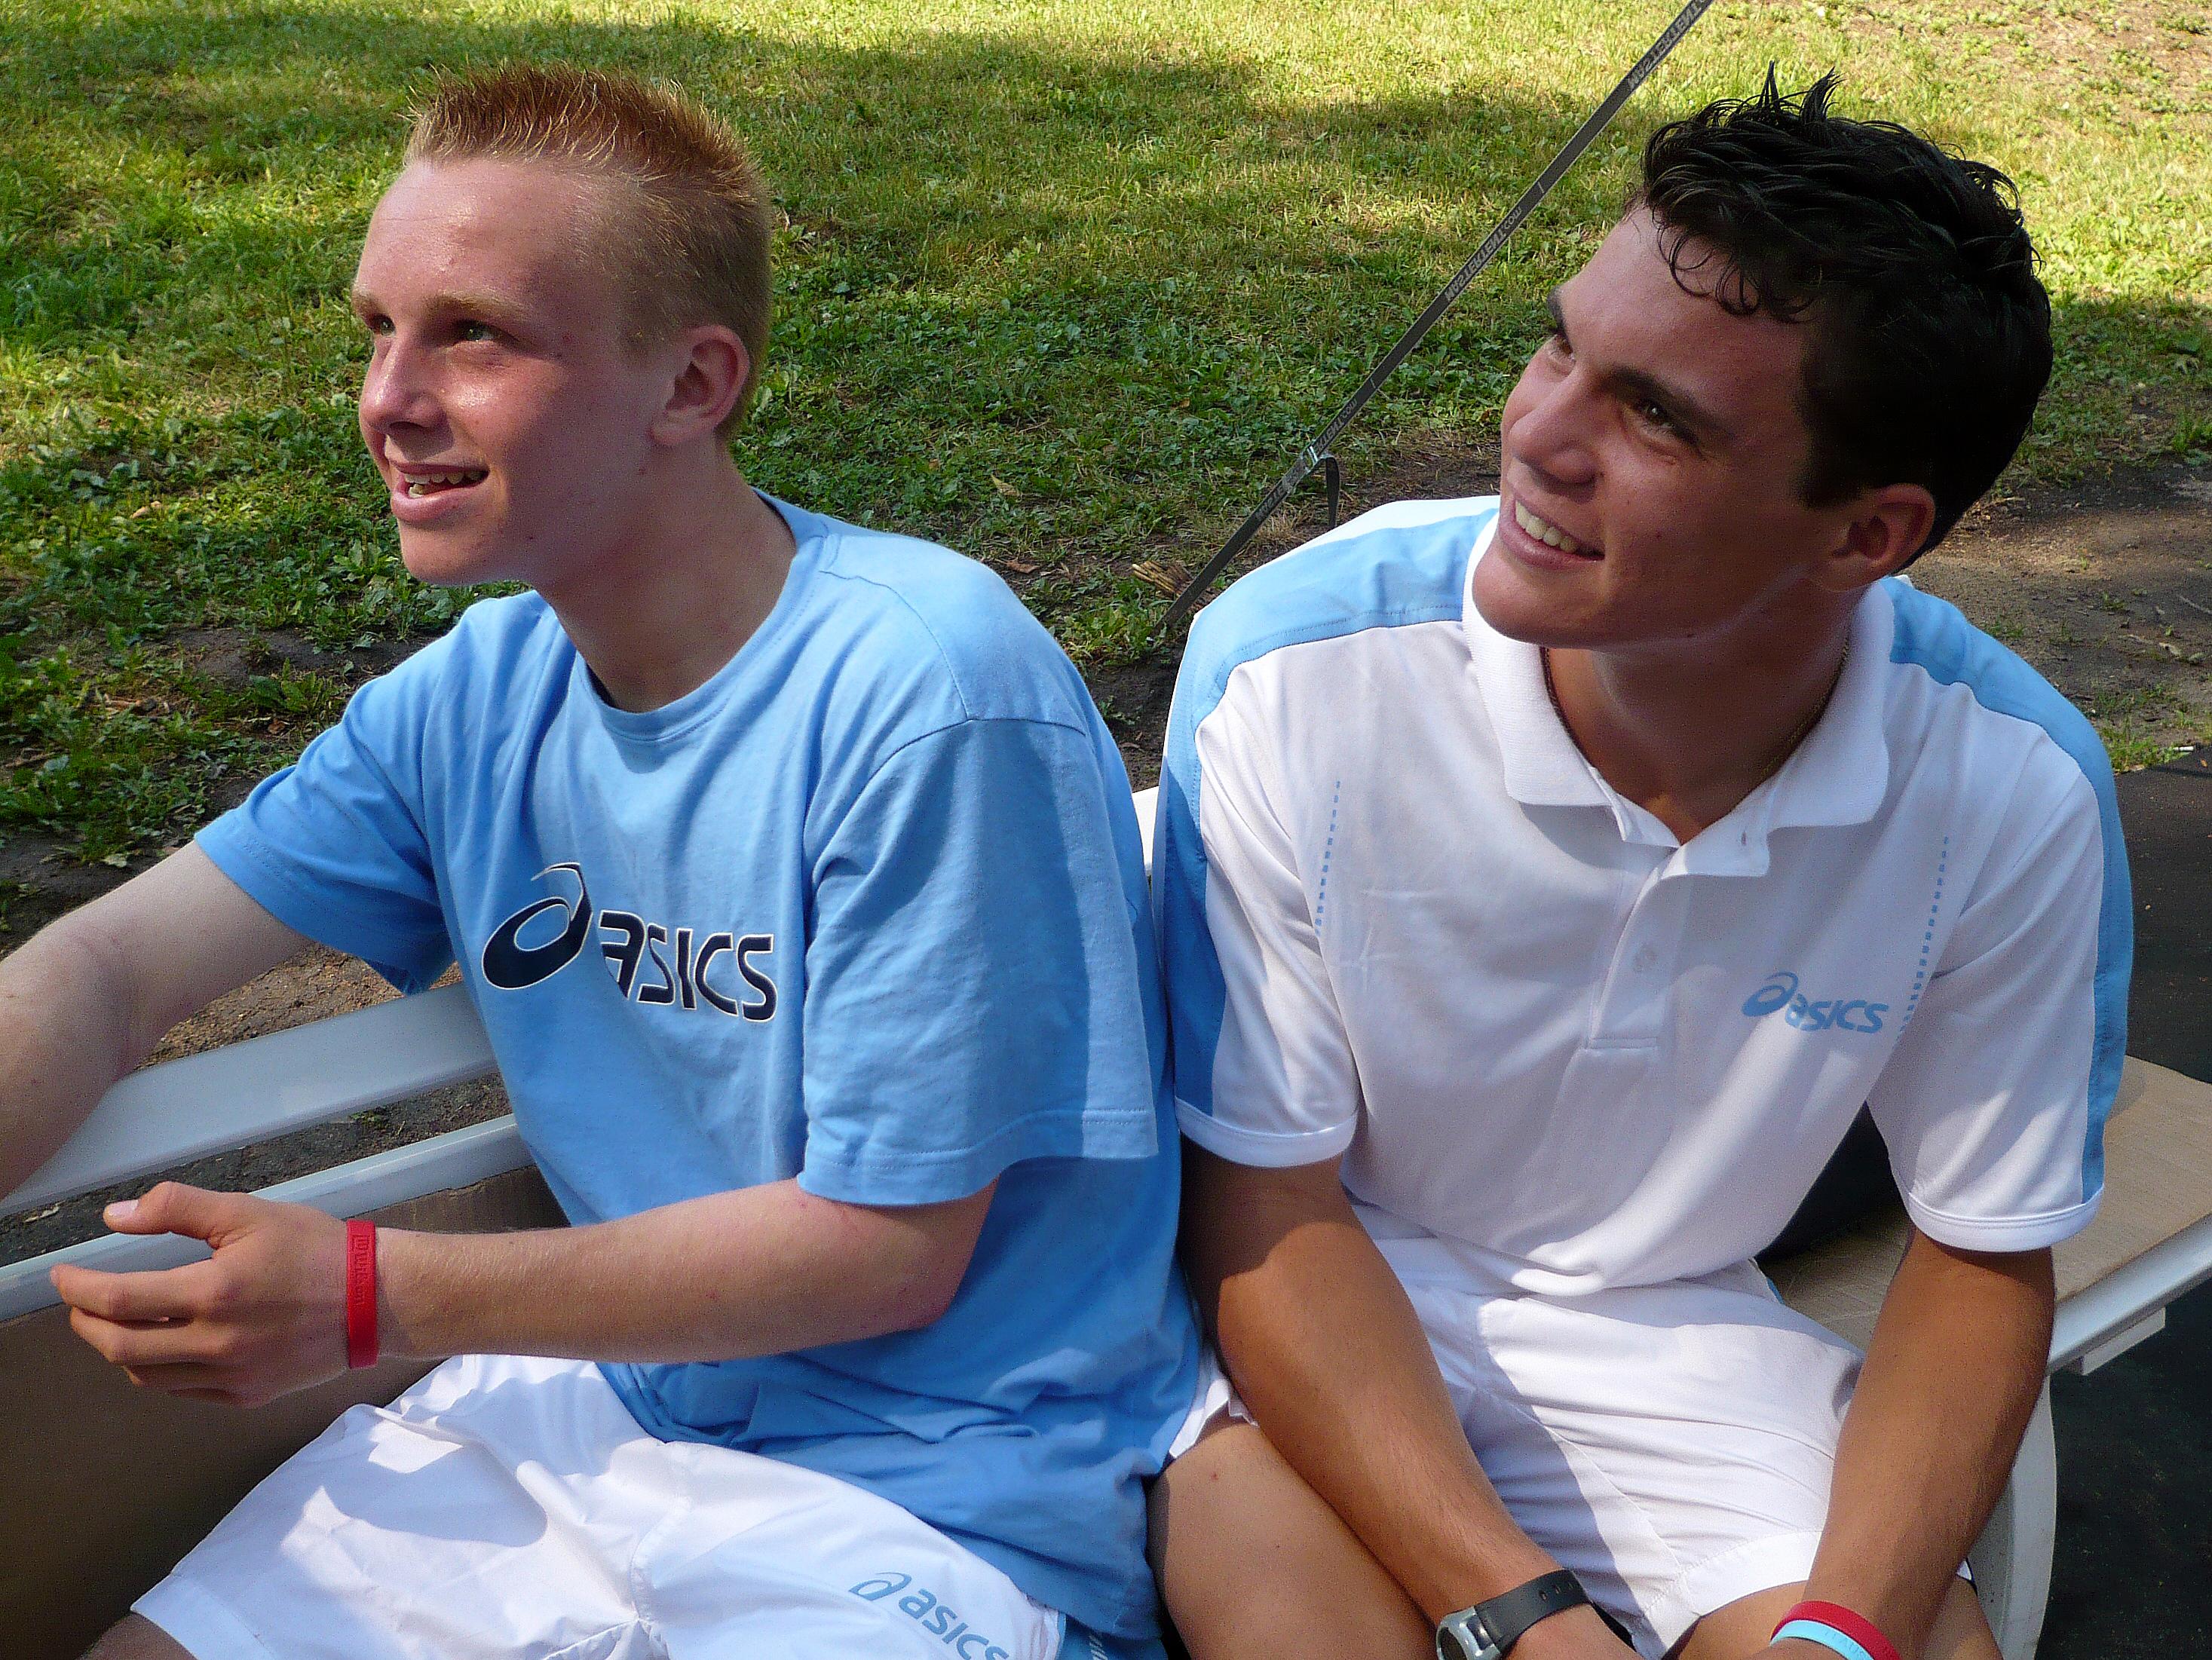 Минкевич Анатолий: Марко Ленц и Кевин Кравец немецкие теннисисты, победители Чемпионата Европы по теннису среди юниоров в мужском парном разряде 2007 г.